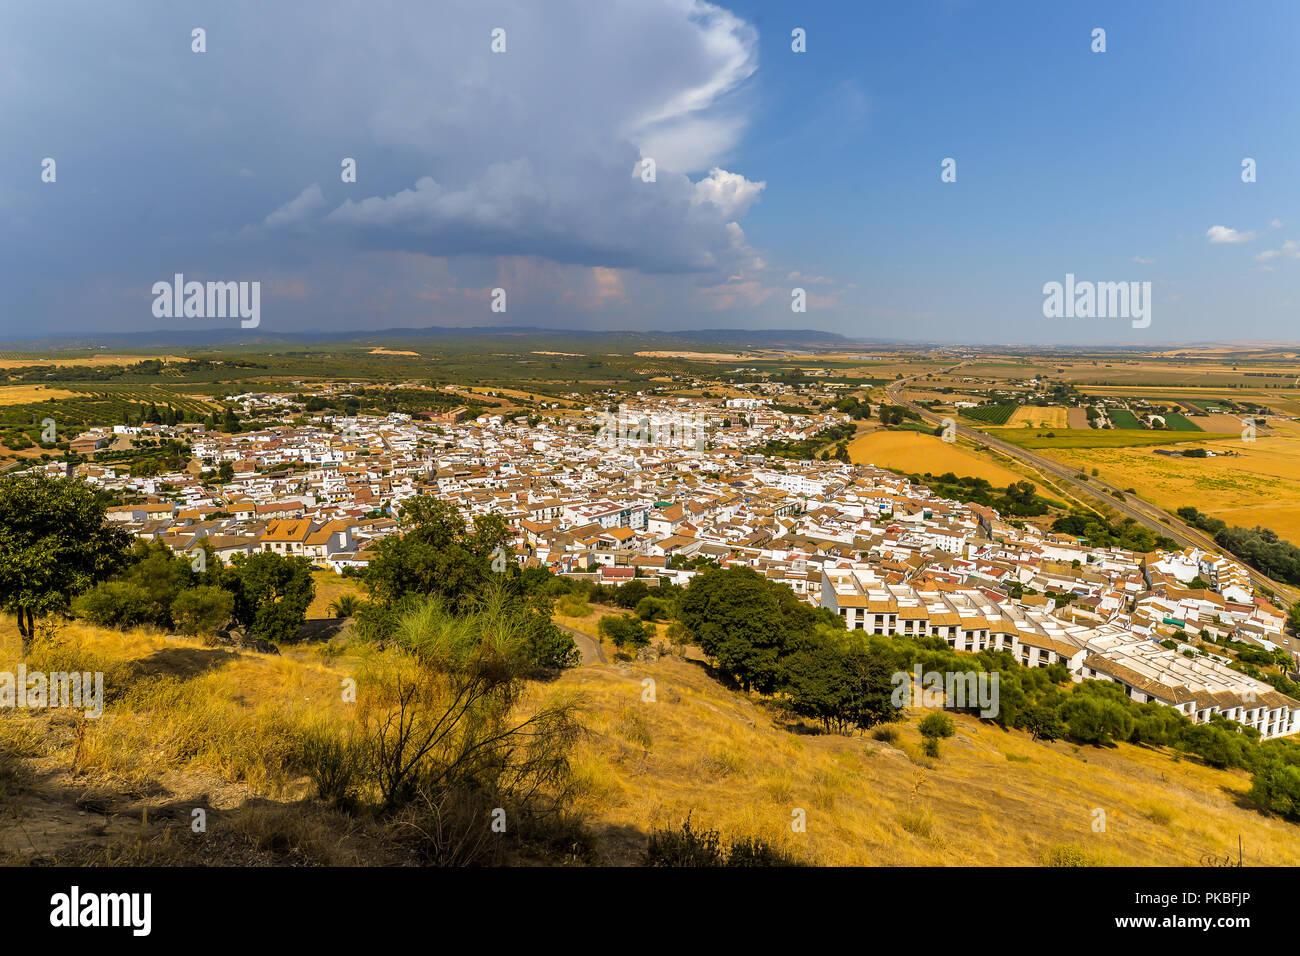 La vista desde el castillo - Almodóvar del Río, España Imagen De Stock